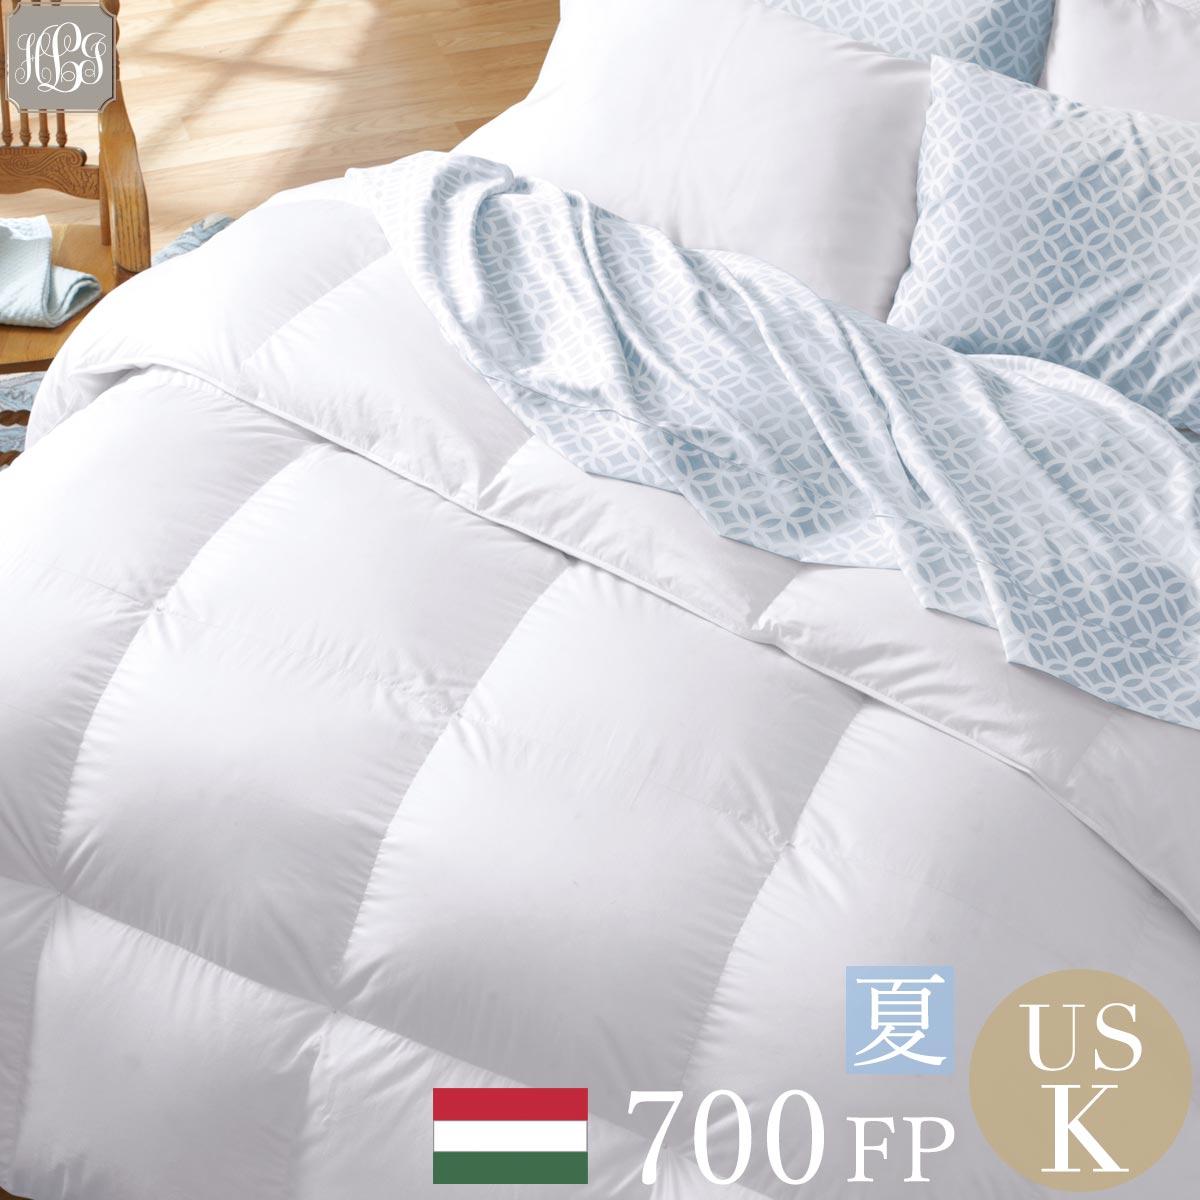 ダウンケット USキング 270cmx235cm 羽毛肌掛け布団 700FPハンガリー産ホワイトグースダウン 夏用 ダウンブランケット 高級ホテル 超長綿100